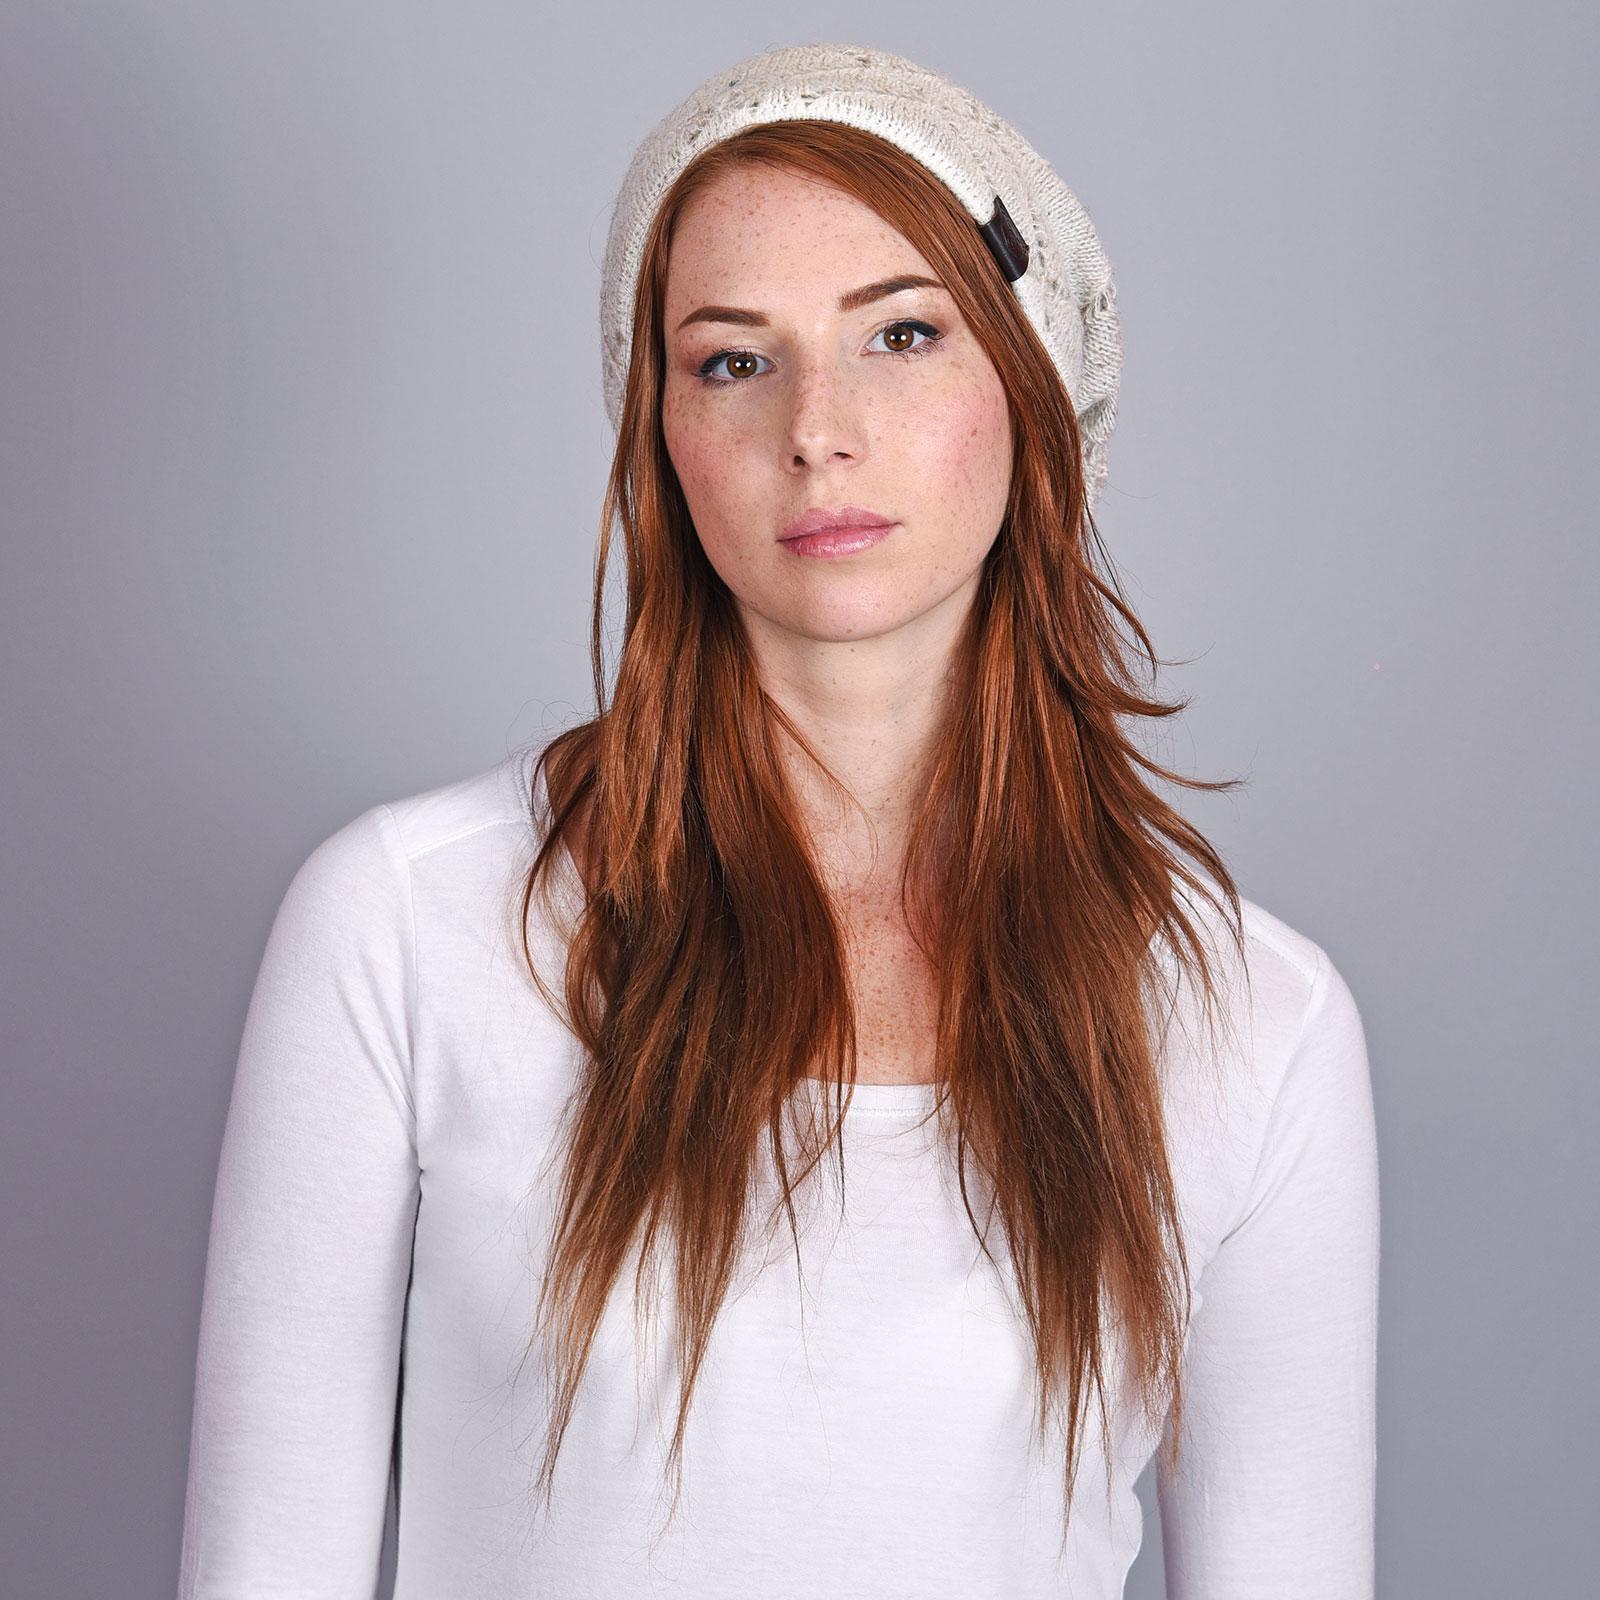 CP-01058-VF16-2-bonnet-hiver-beige